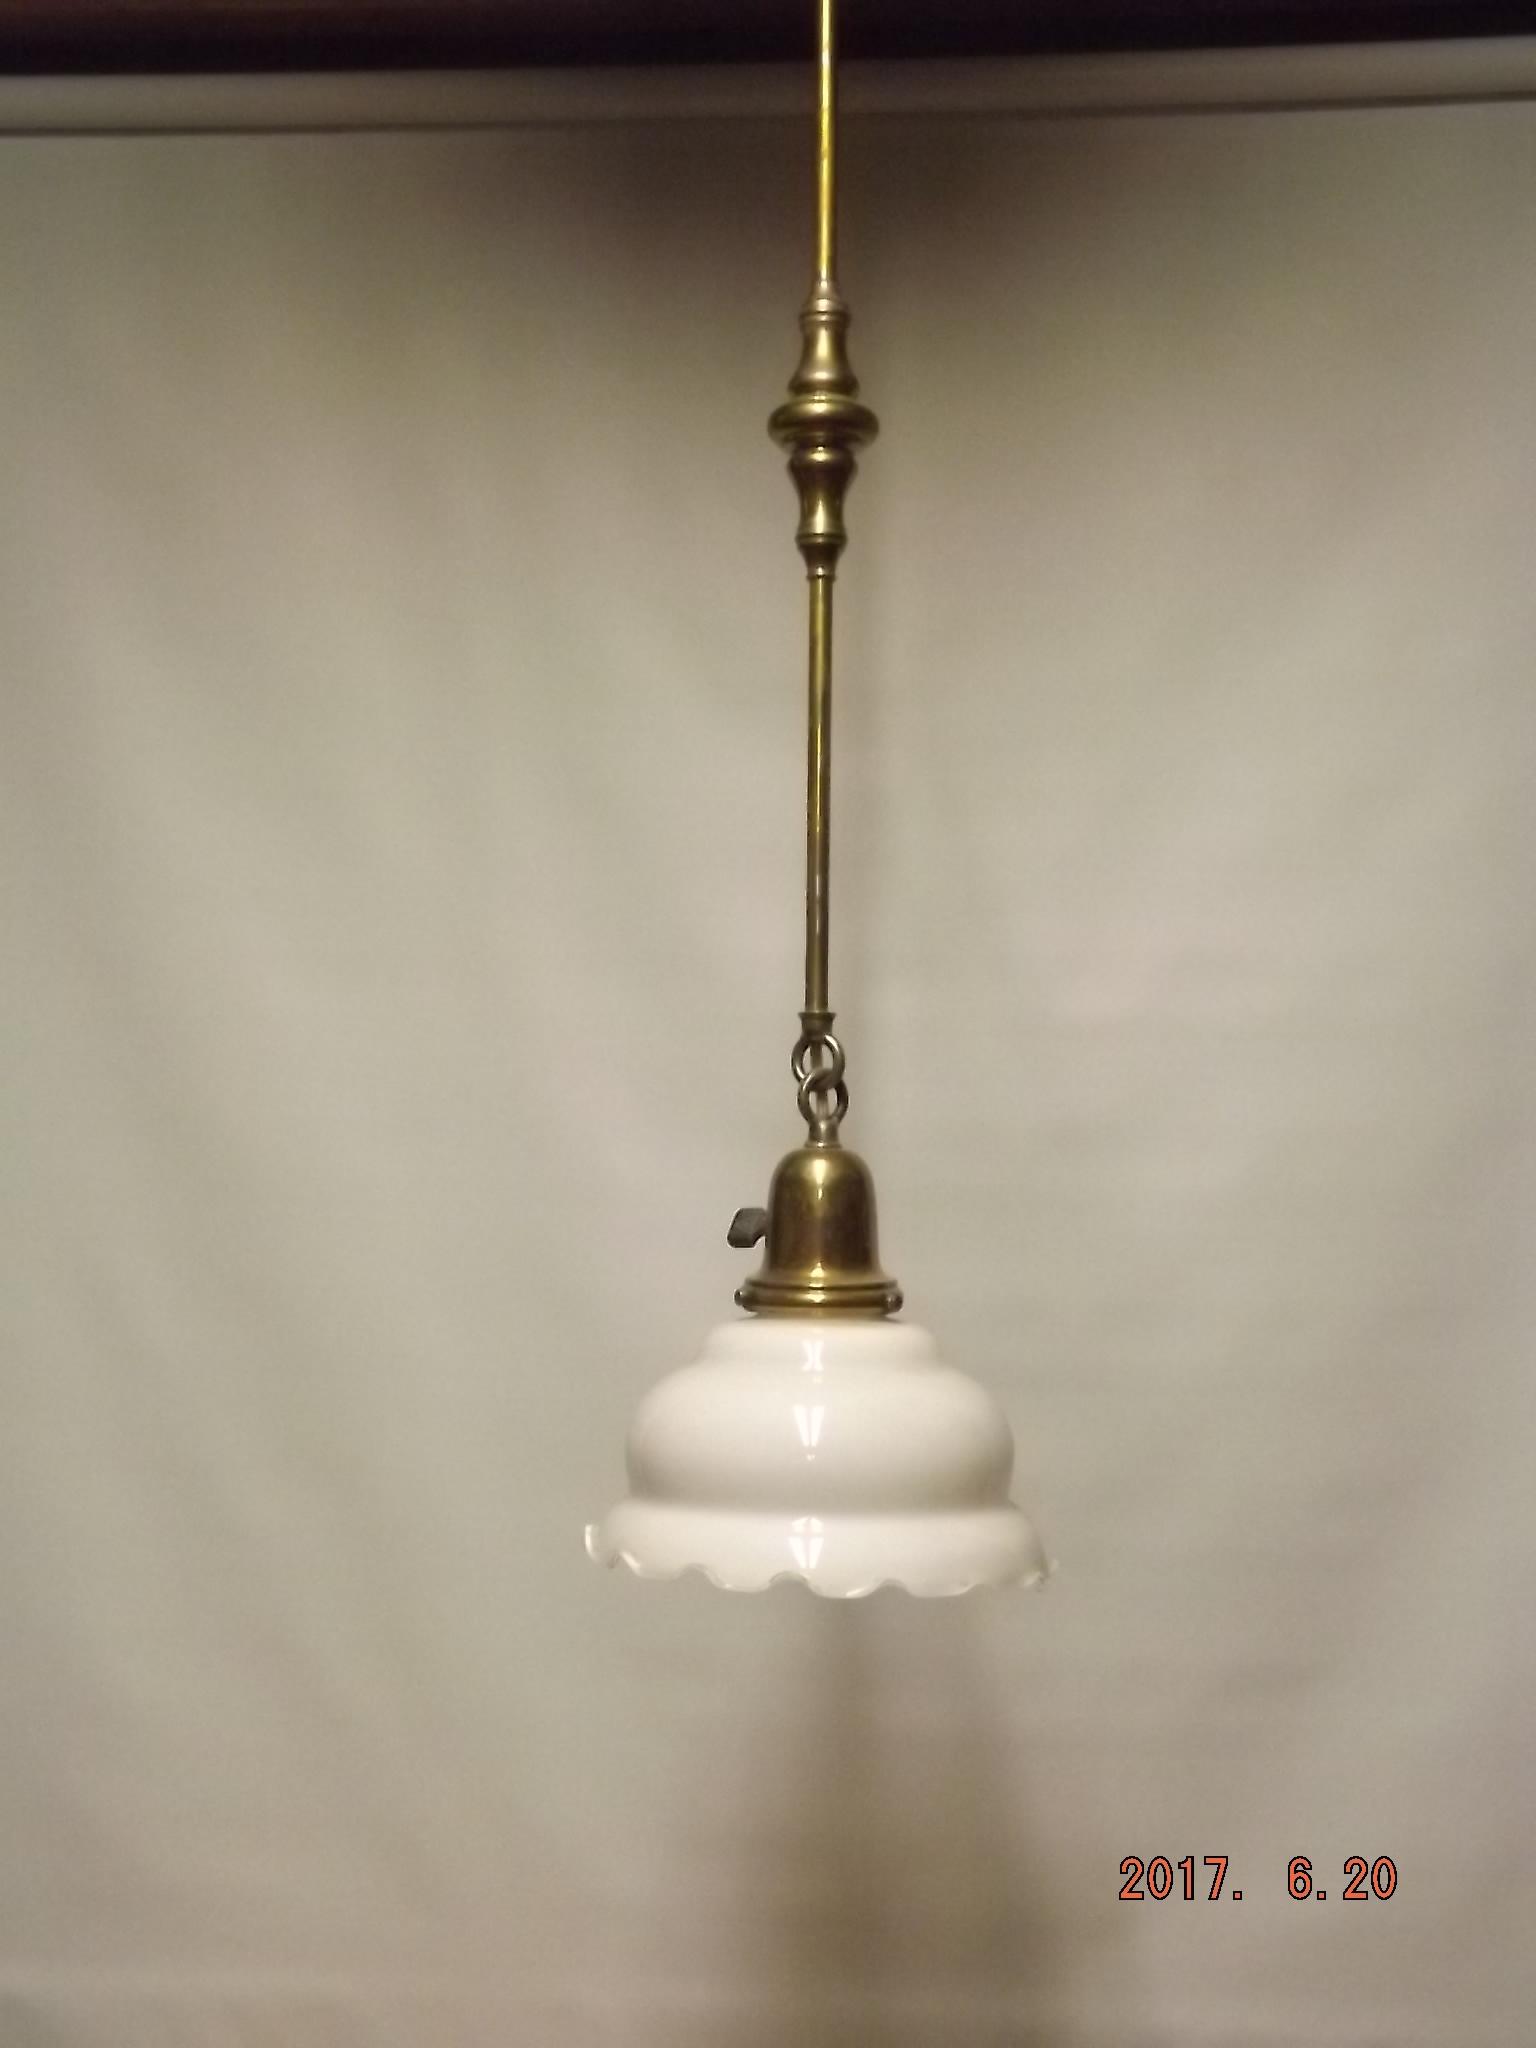 Electric pendant